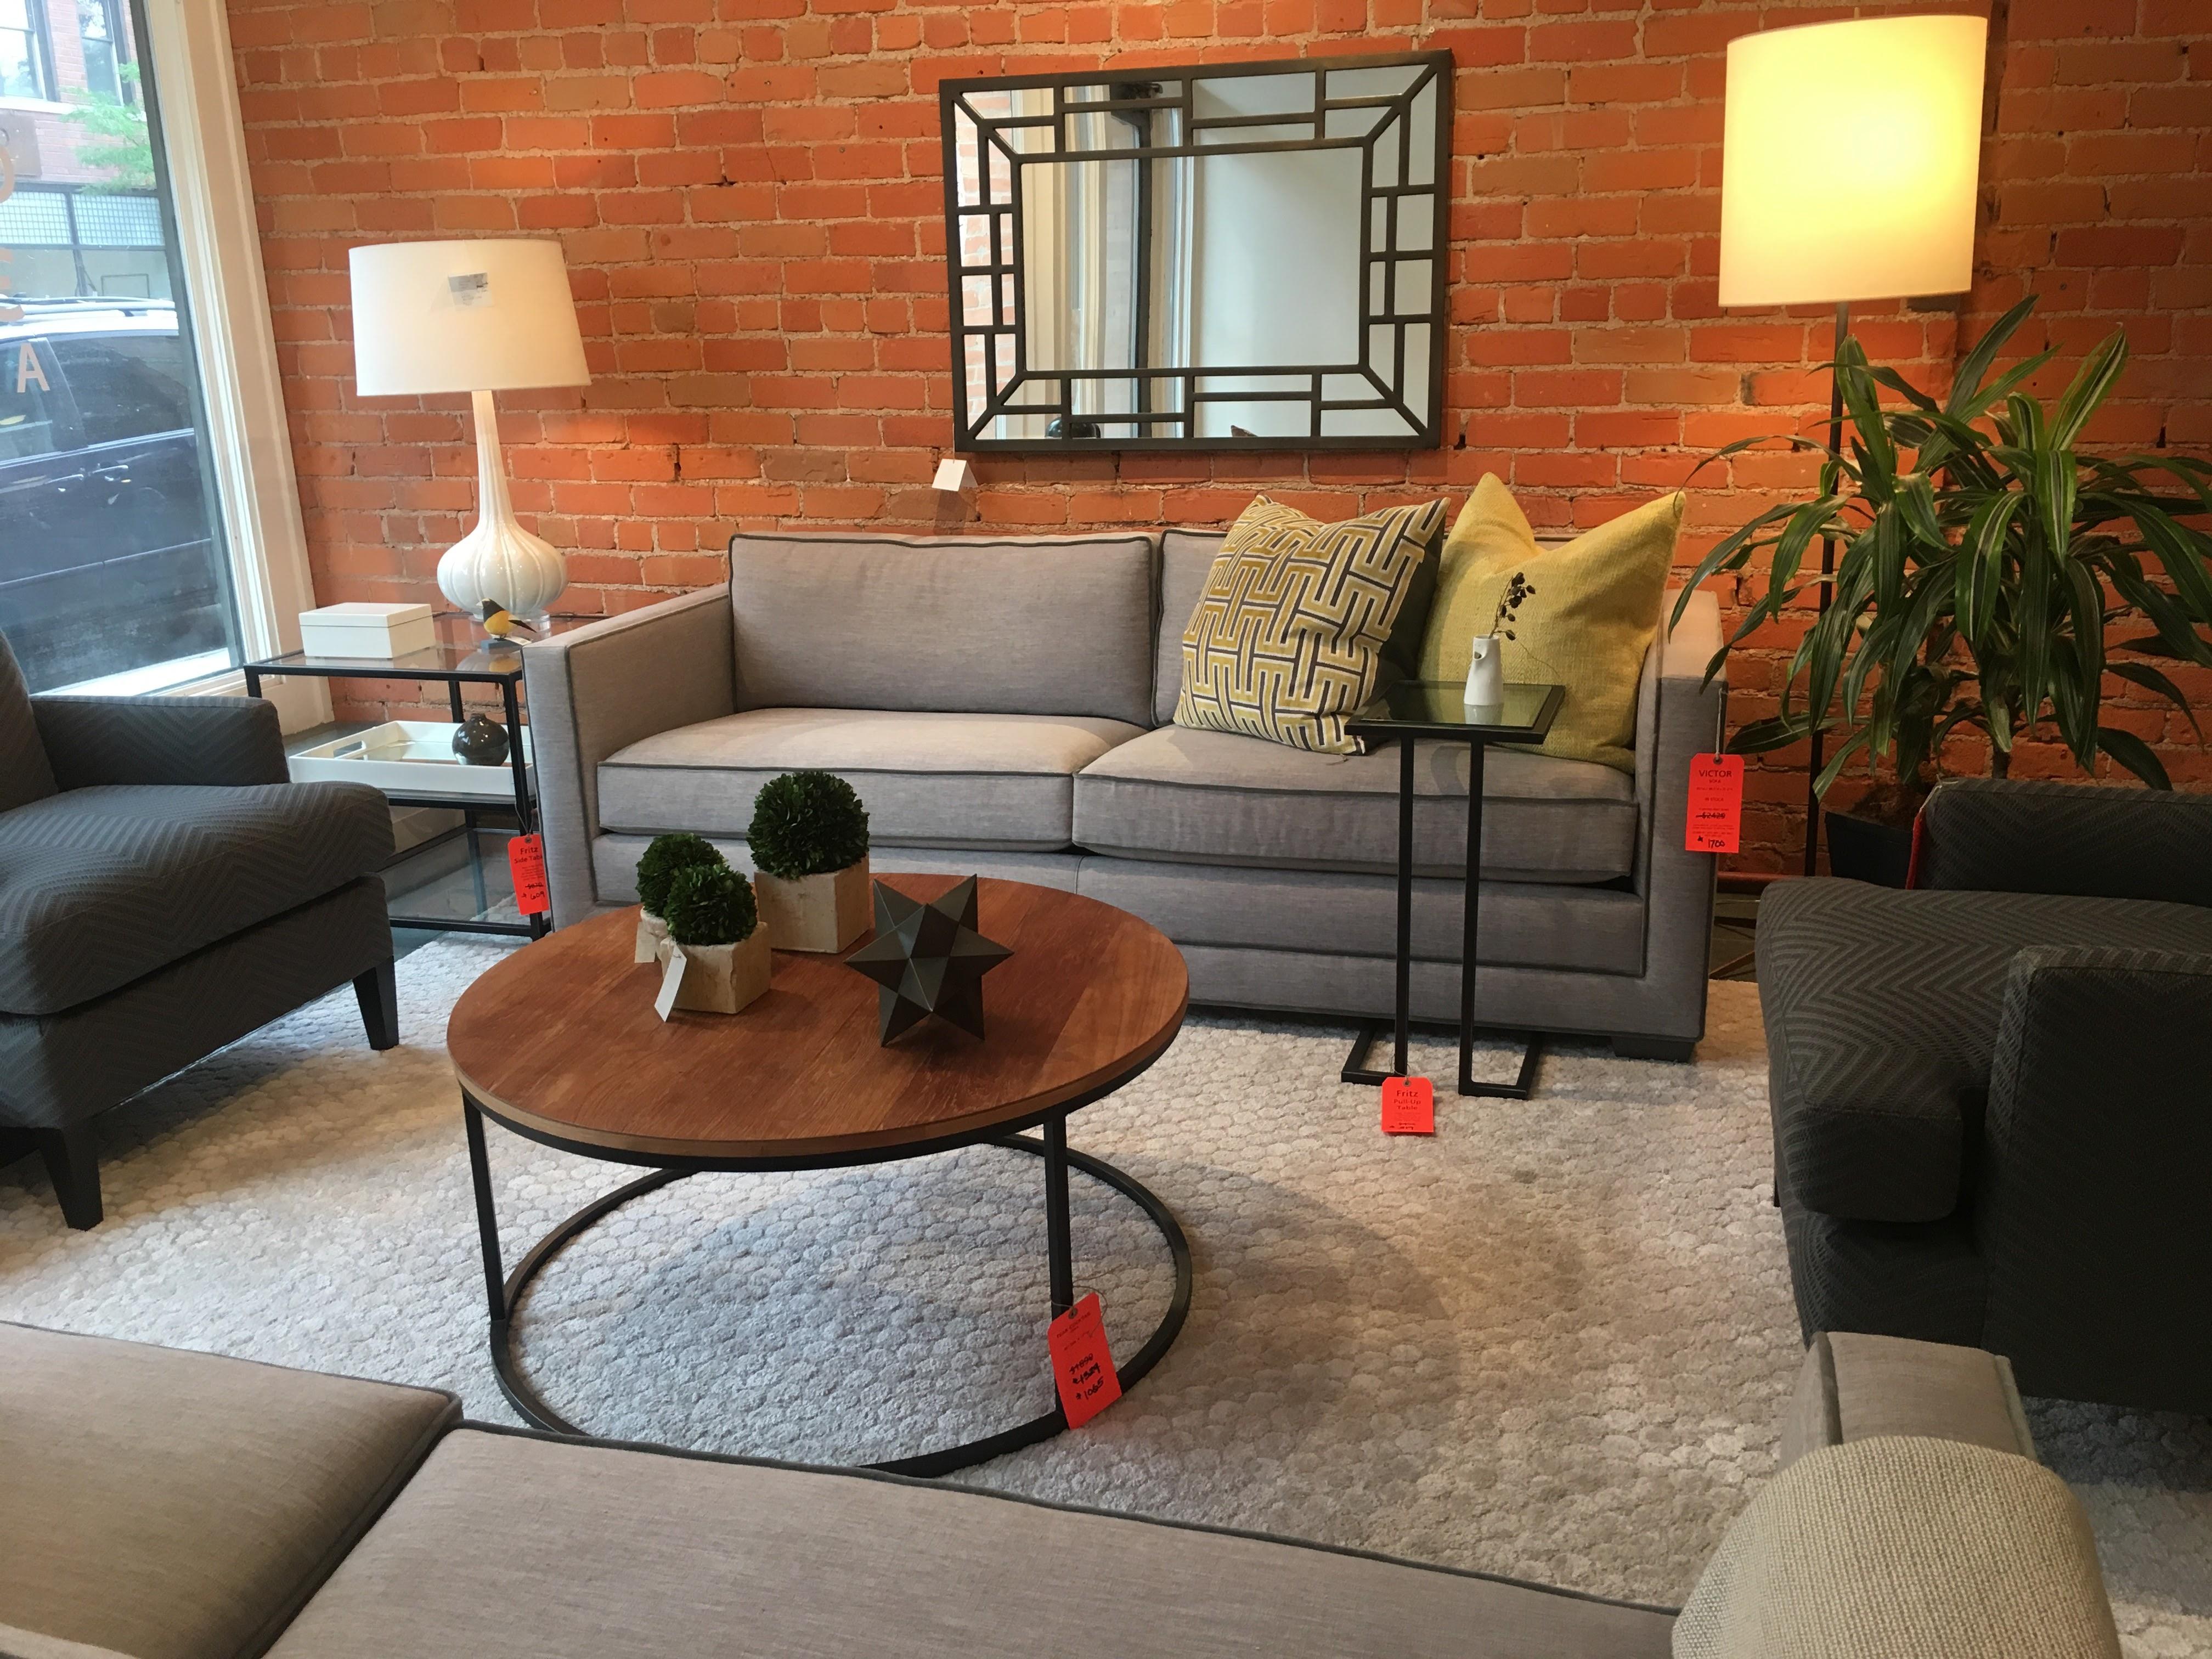 Summer Clearance Sale Furniture Ann Arbor Three Chairs Co